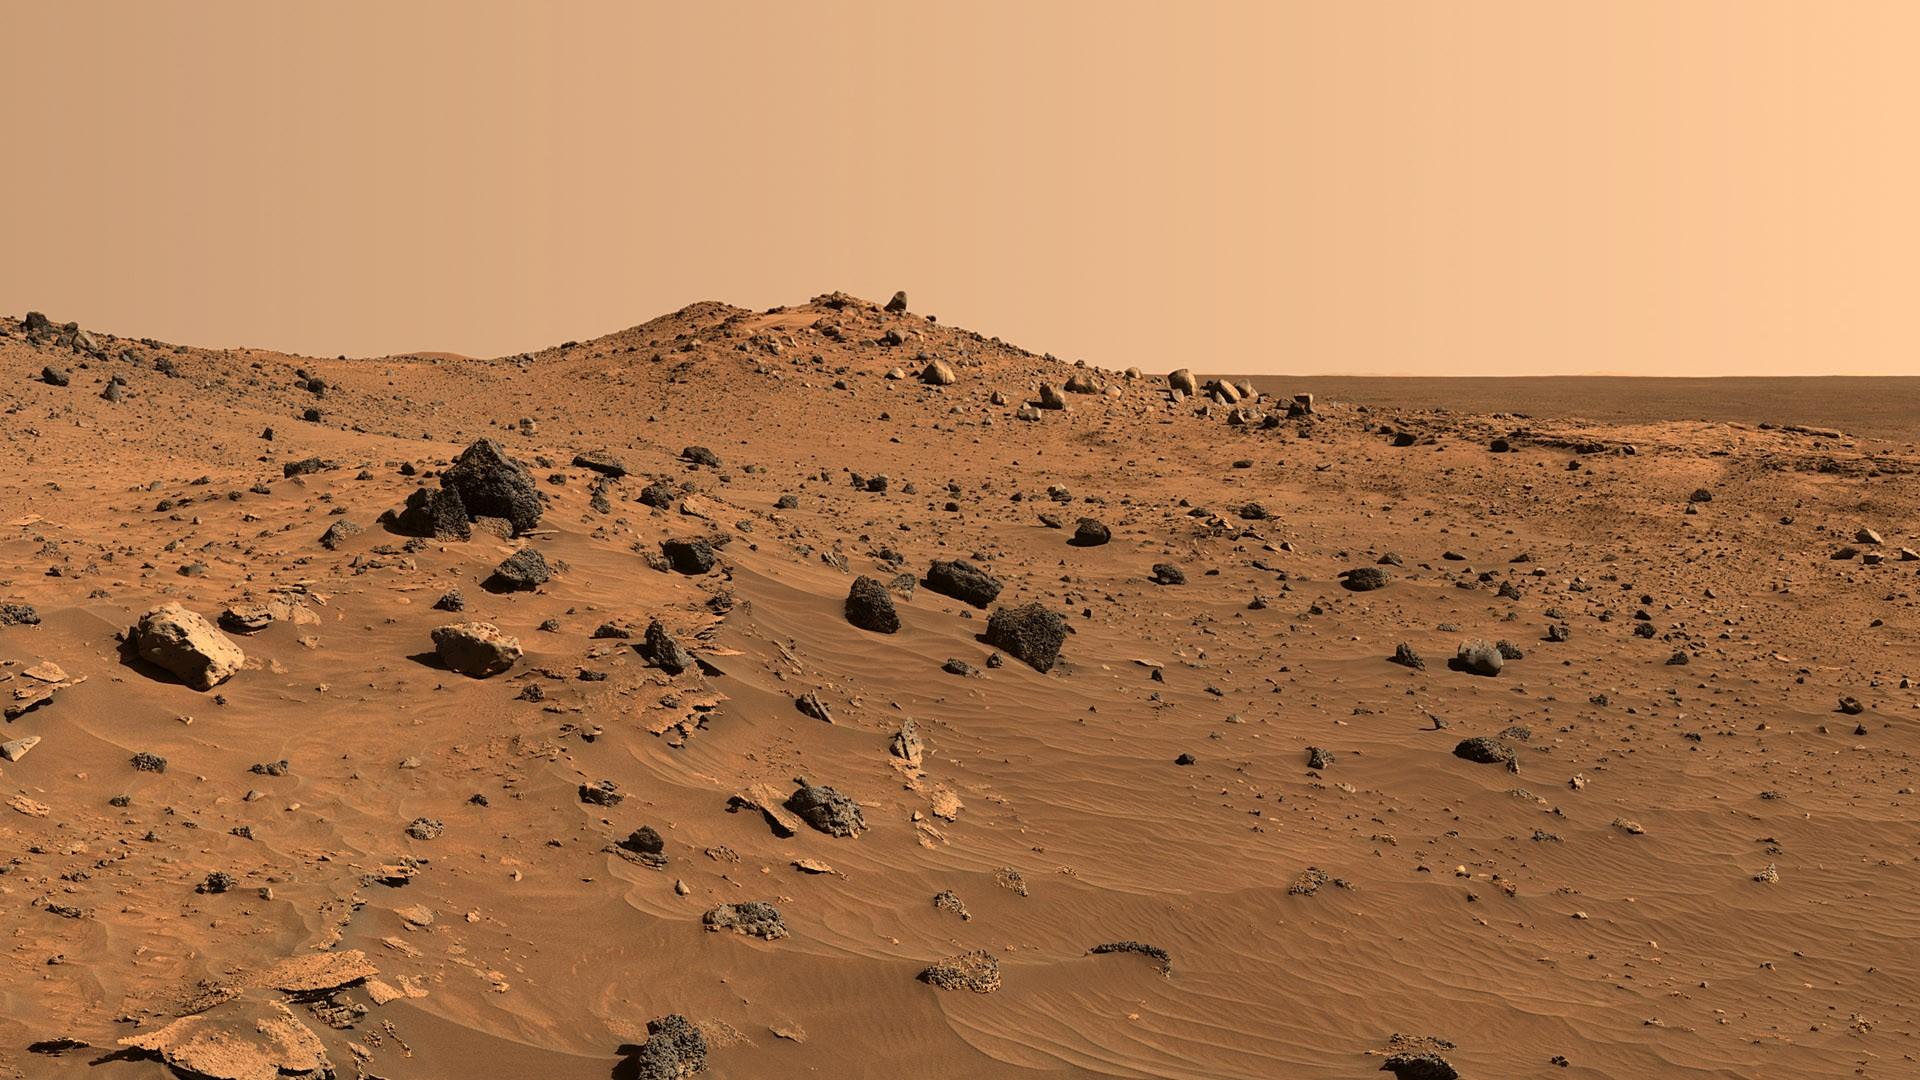 Solo-Marte - Tô no Cosmos